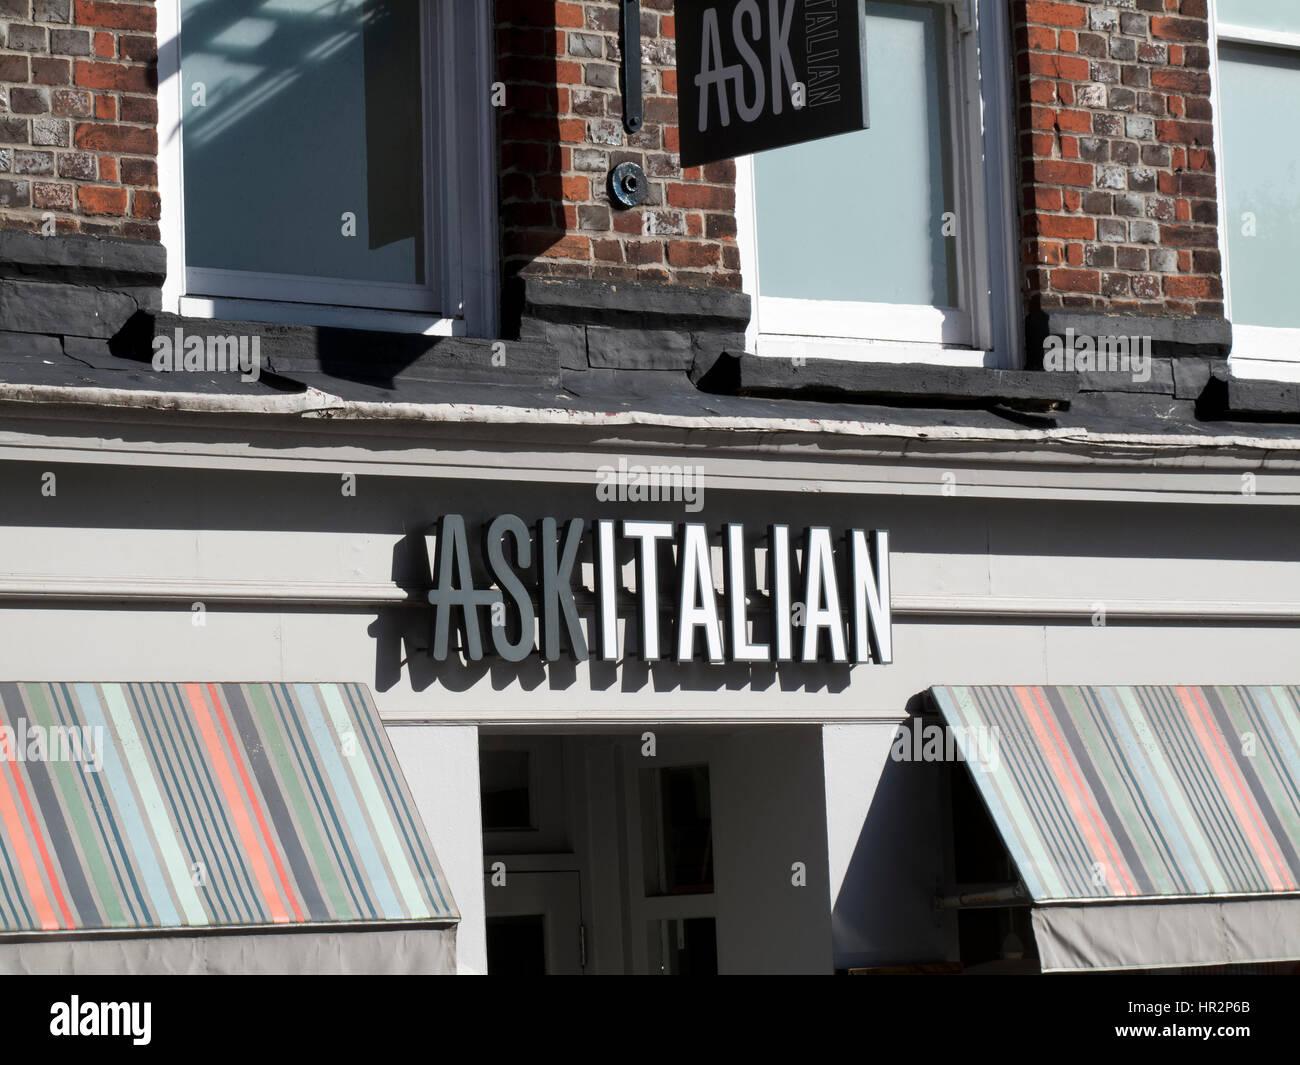 Ask Italian Restaurant Sign Over Premises Uk Chain Of Restaurants